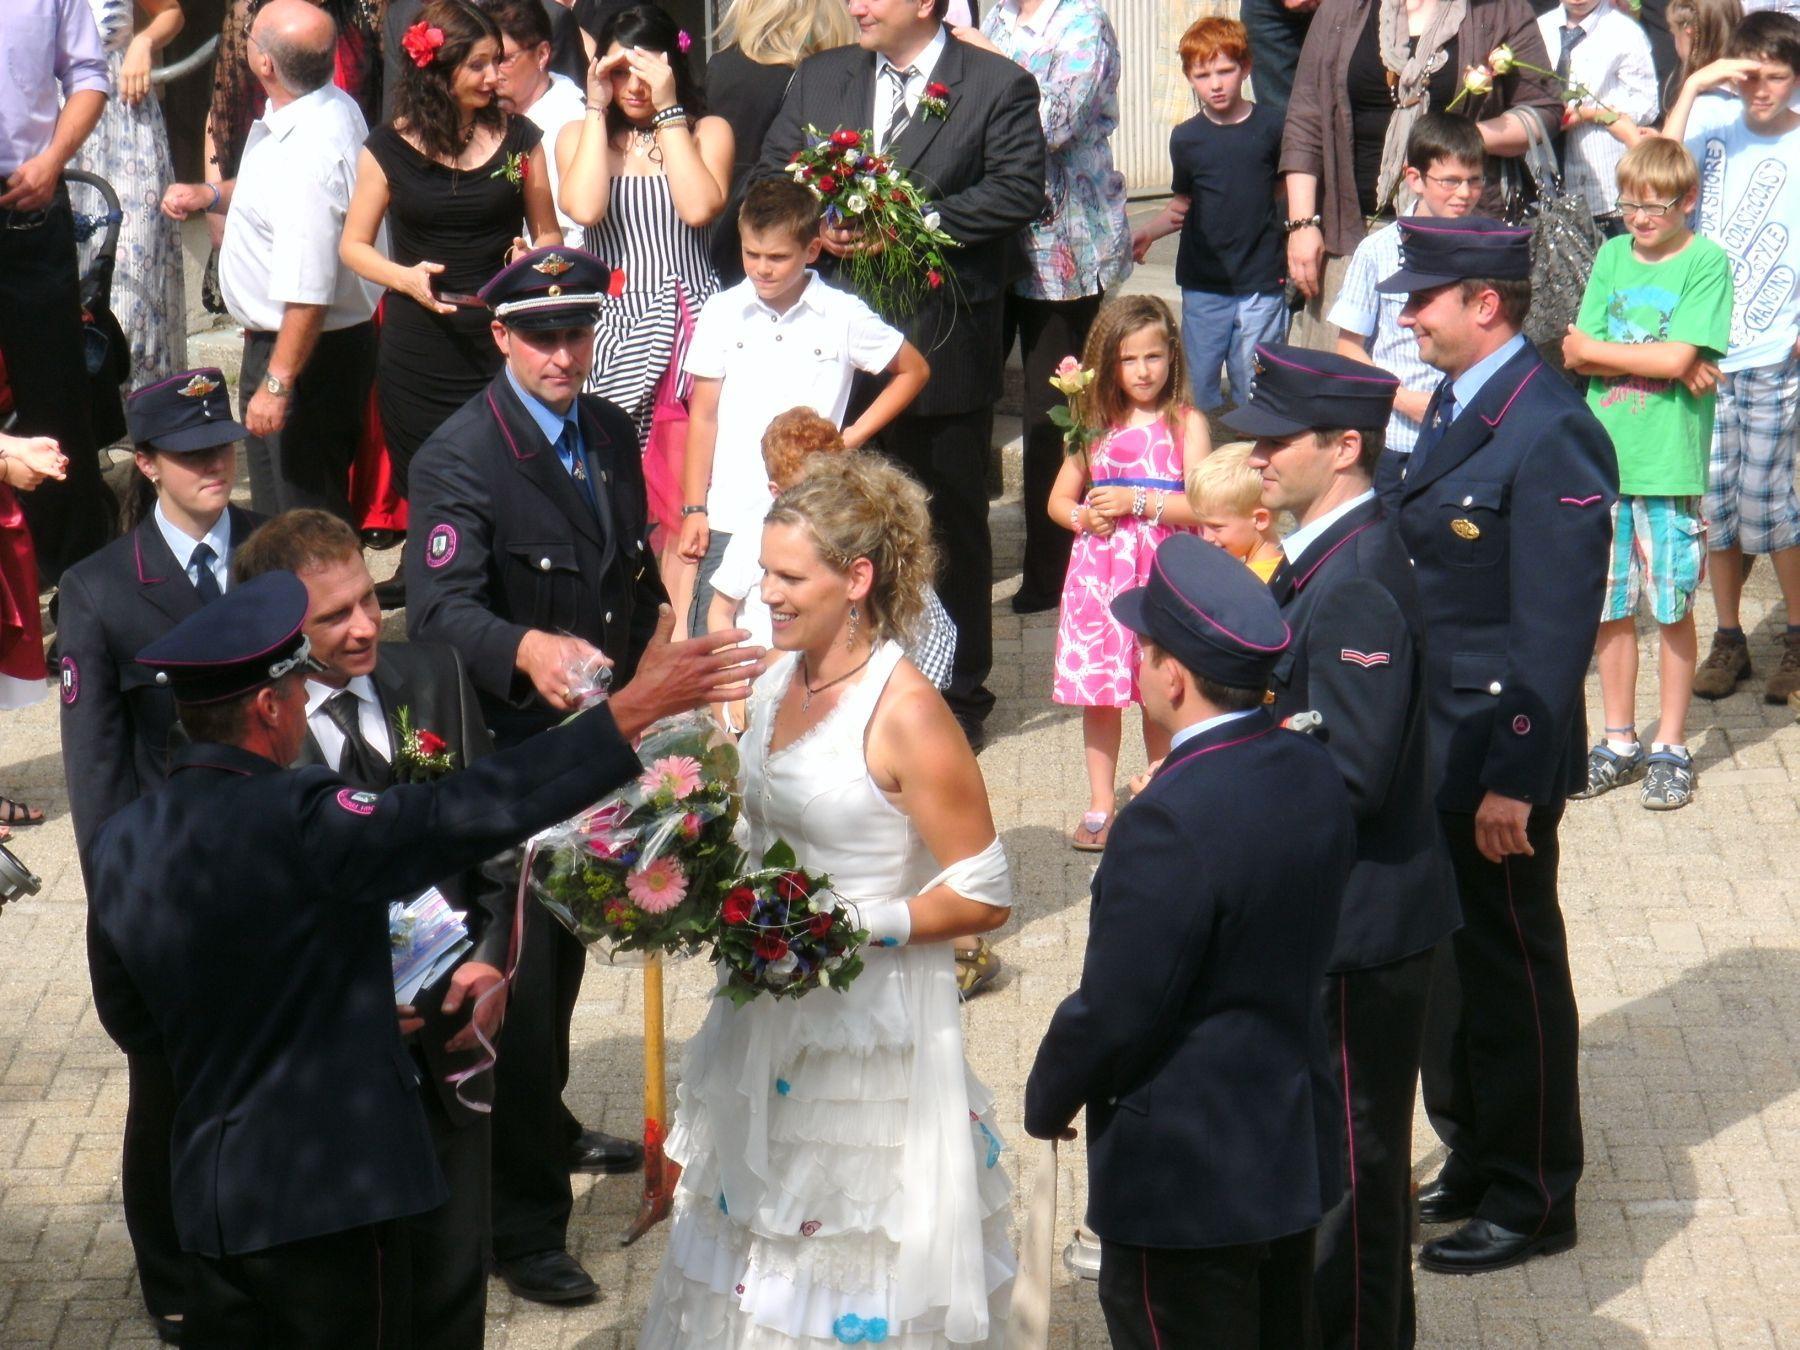 Hochzeiten im Jahr 2012